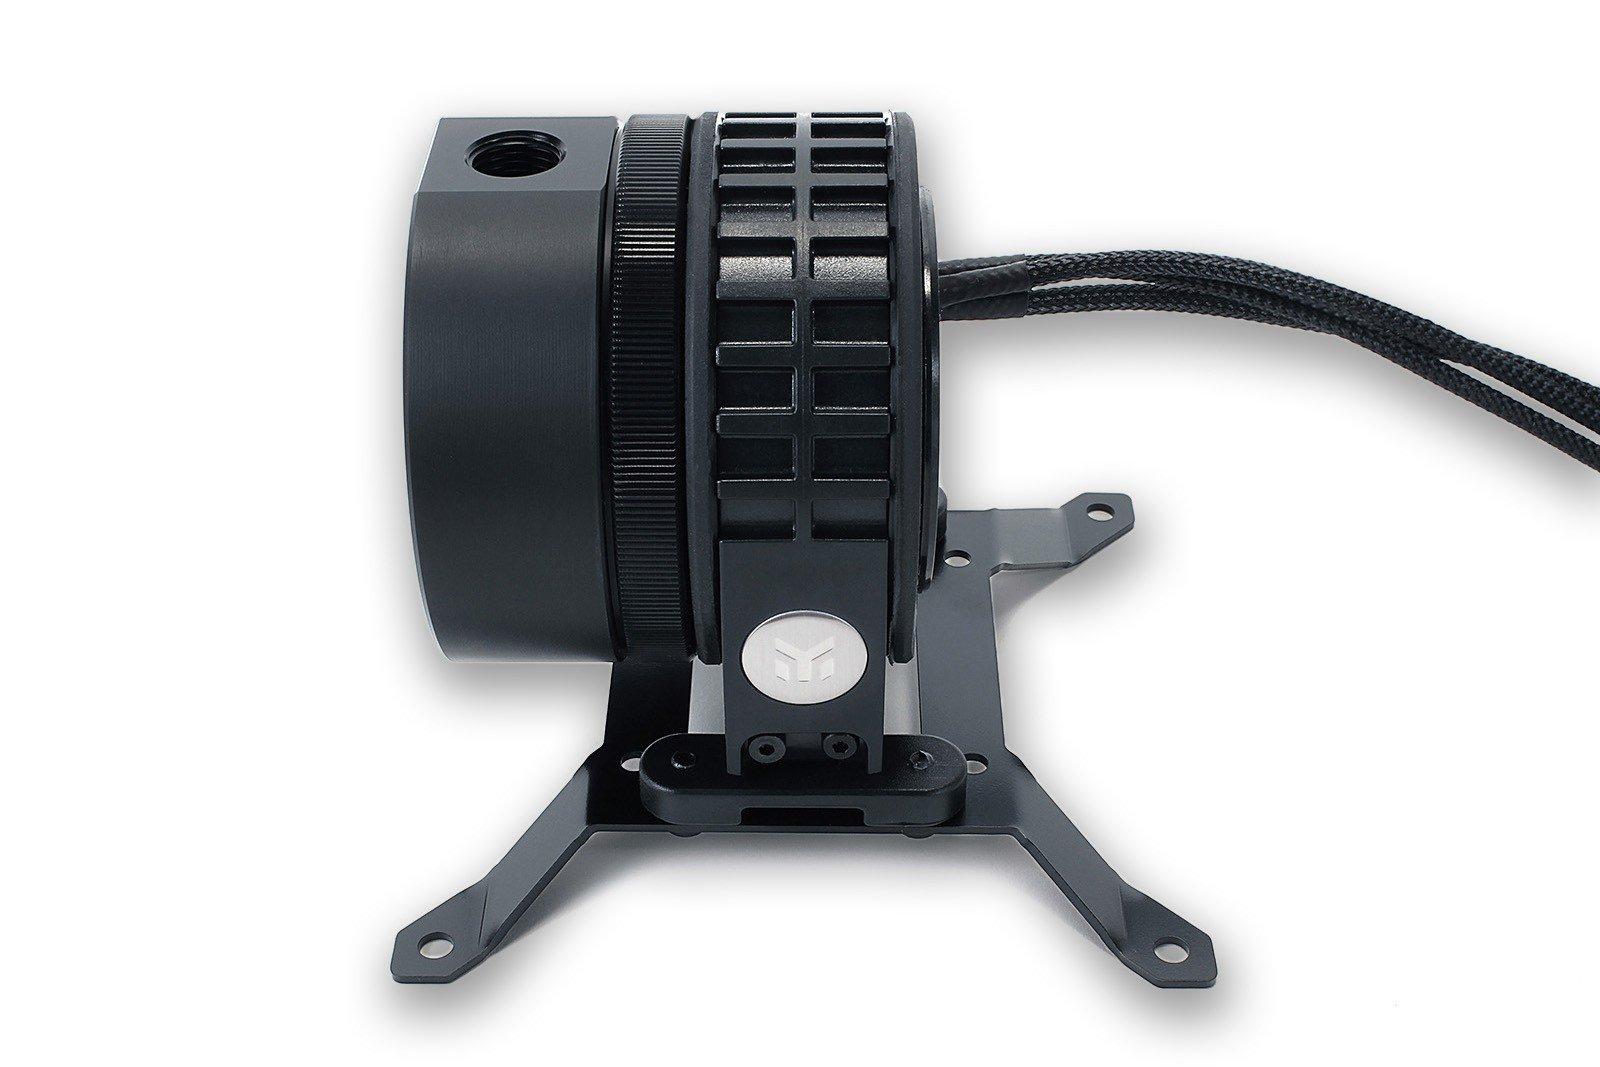 EKWB EK-XTOP Revo D5 PWM (incl. sleeved pump), Acetal by EKWB (Image #3)